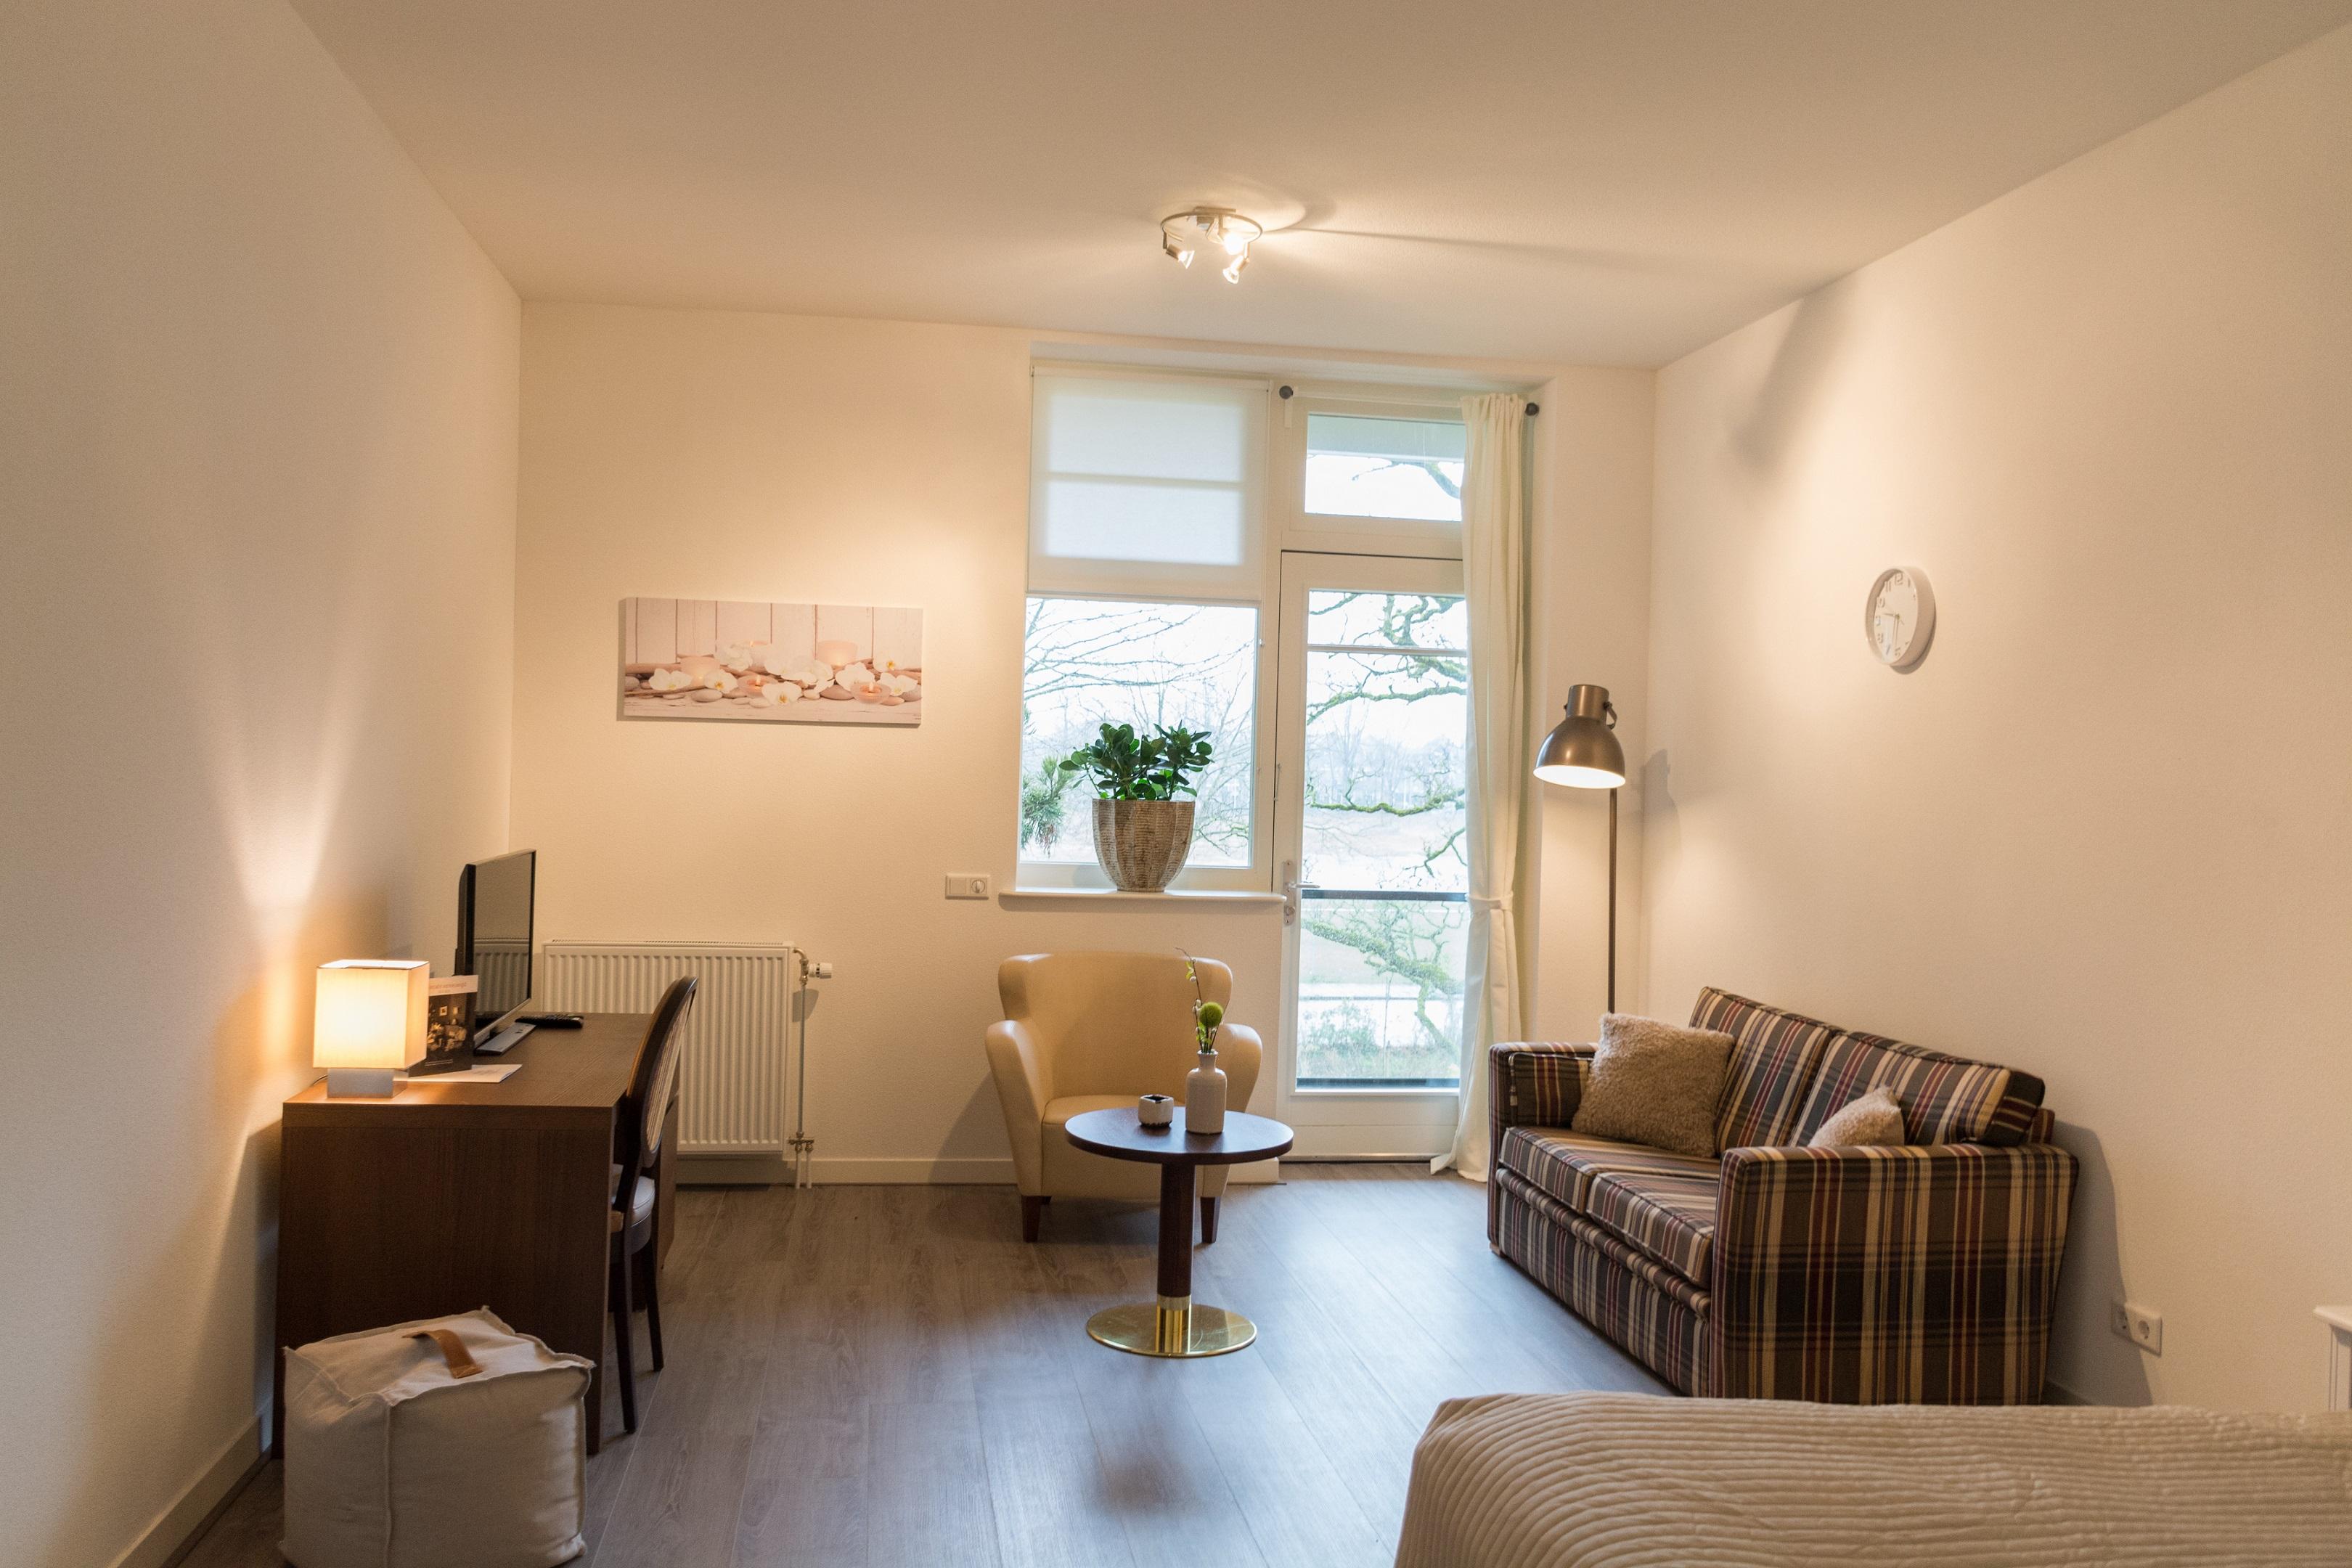 Hotelbed Nieuw Rollecate